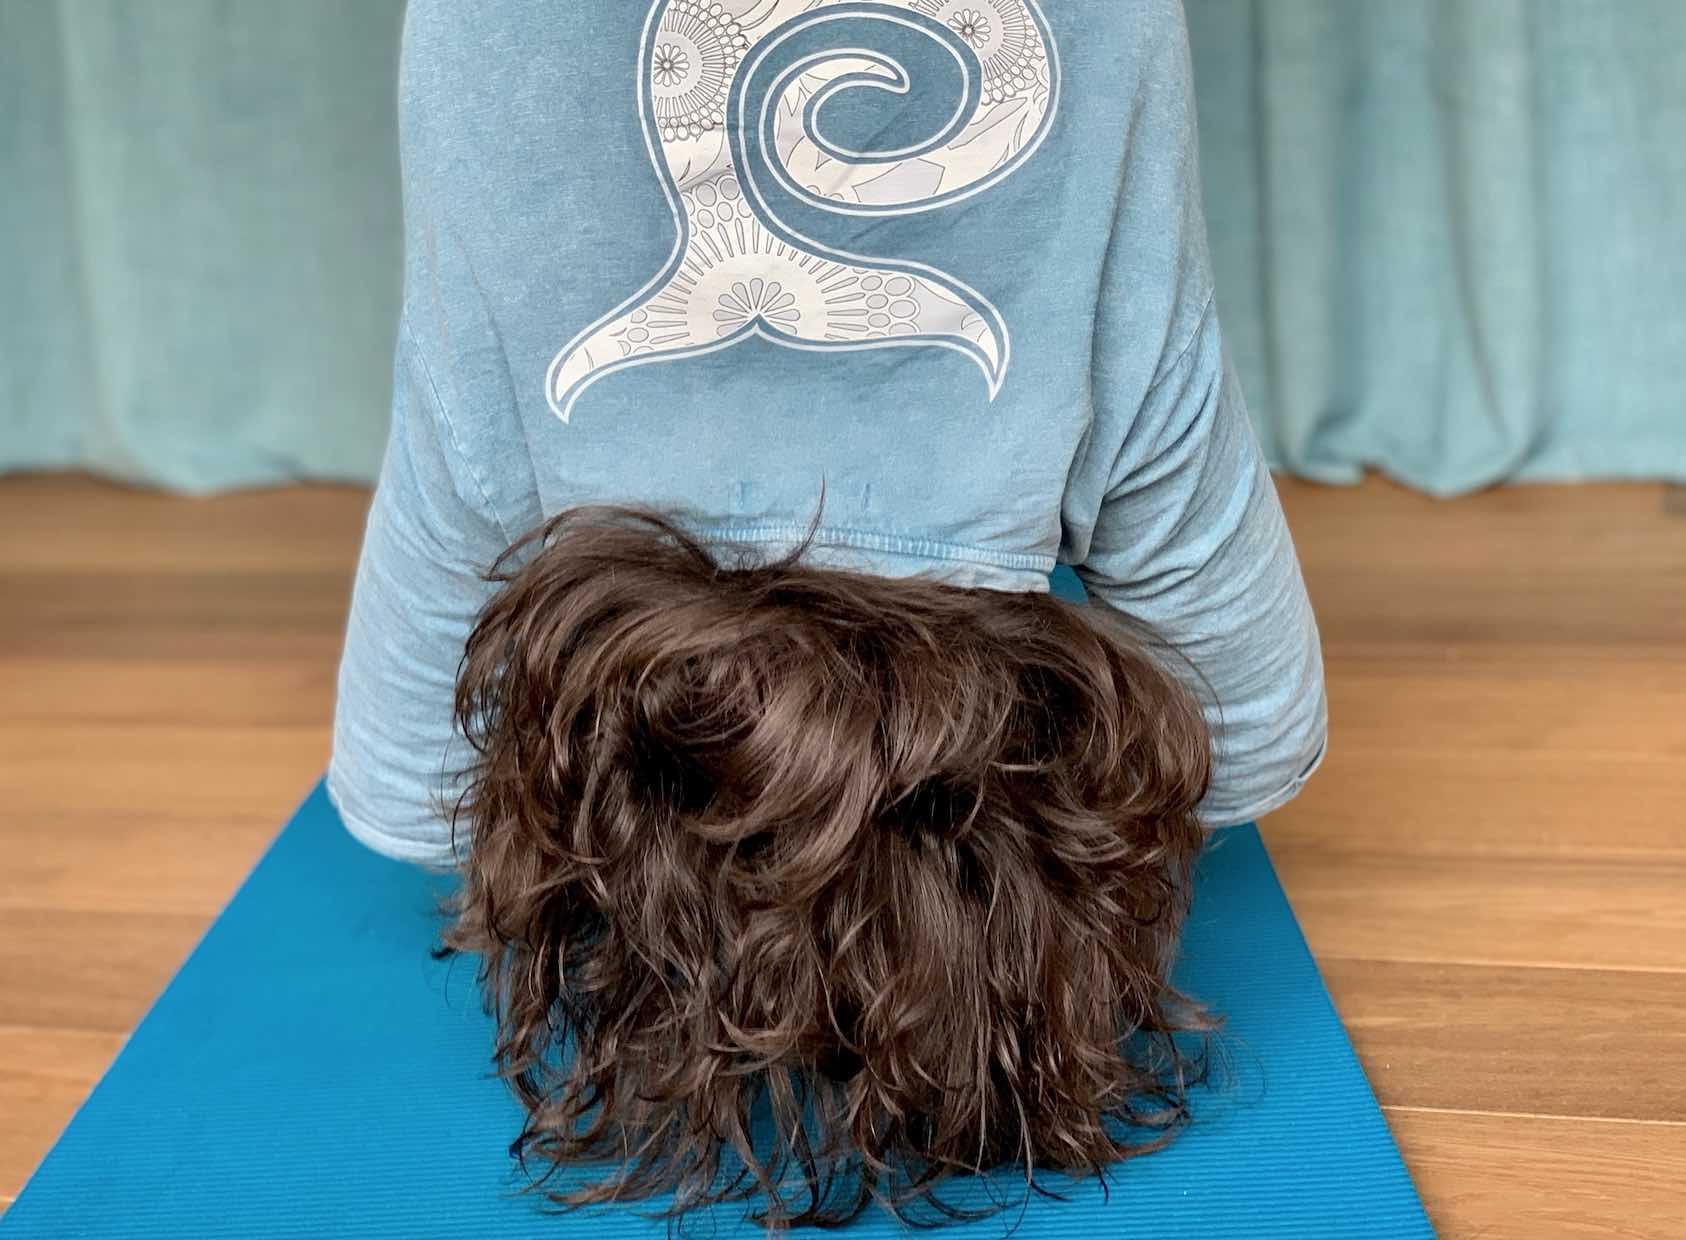 hang-free-hangab-reverse-yoga-hanging.jpg